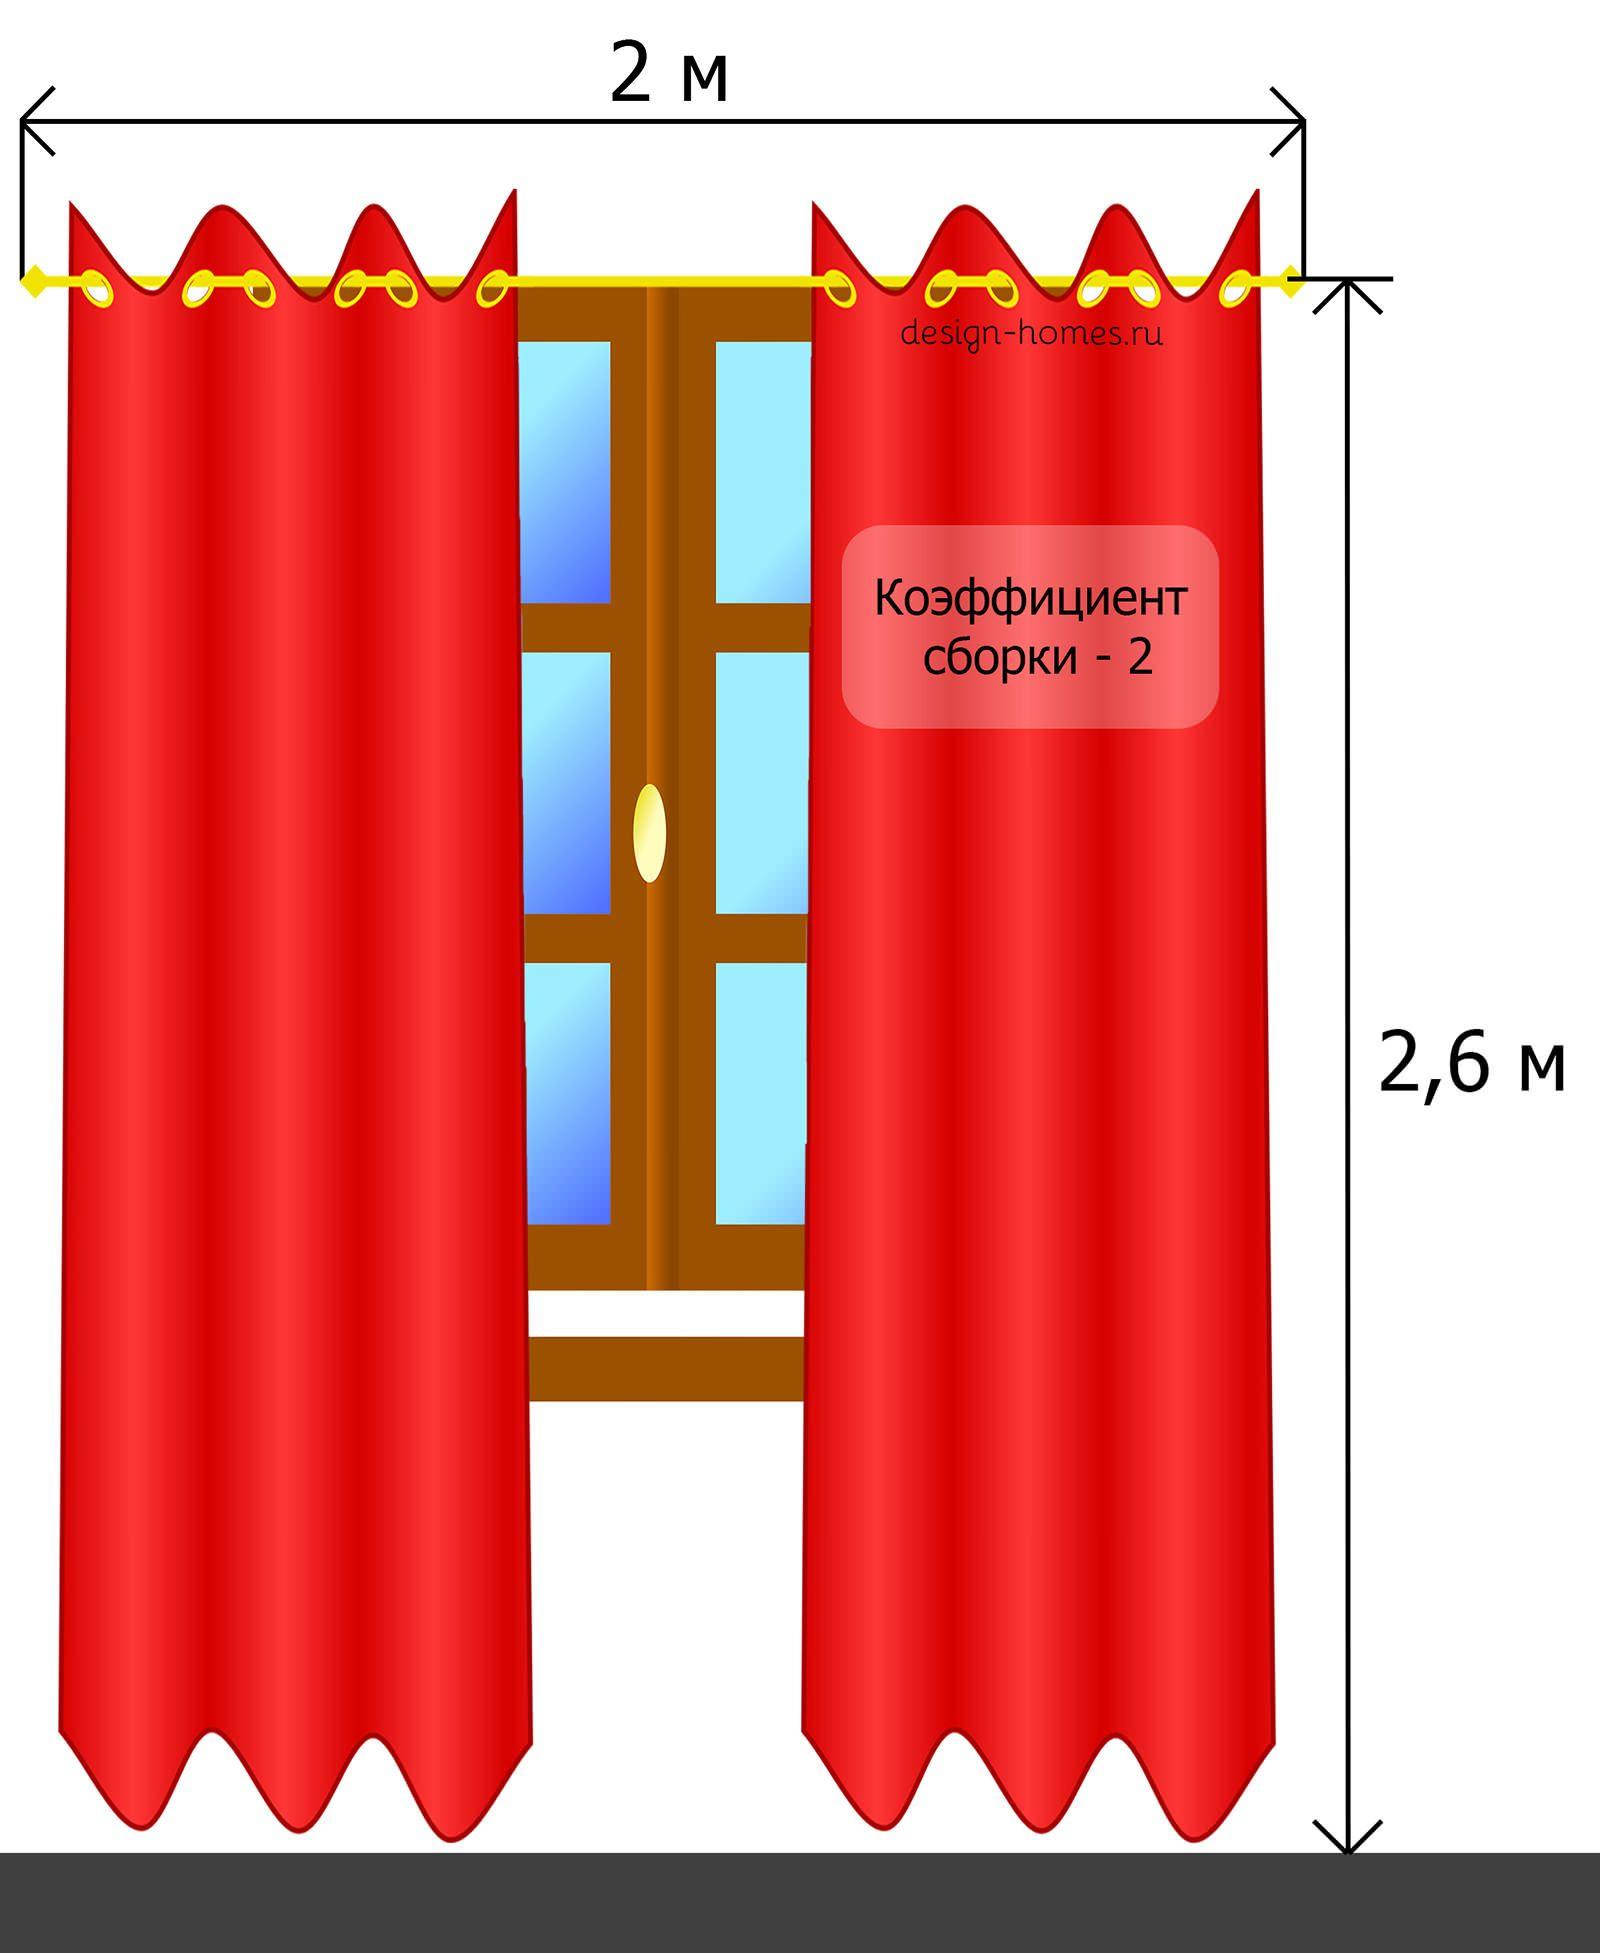 Curtain calculator app